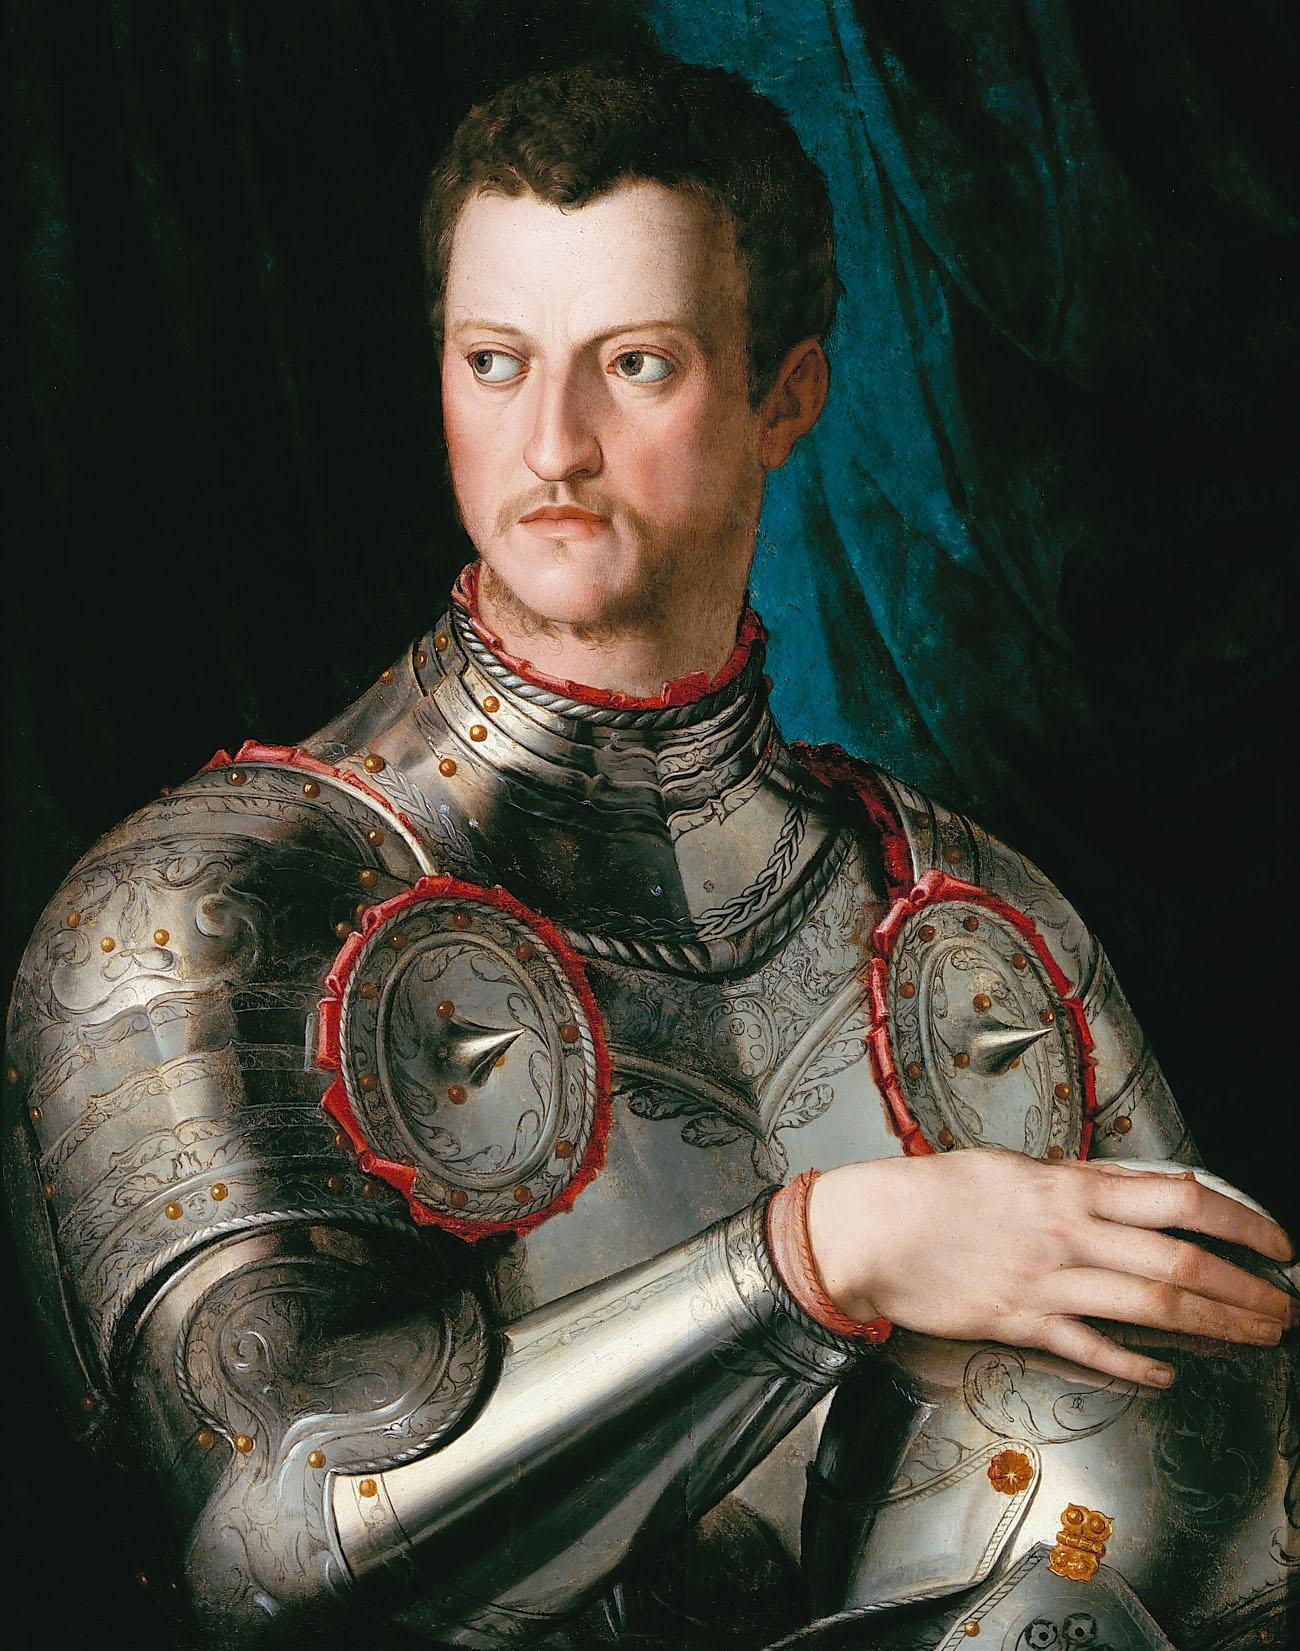 """Kategoria dotyk: Angelo Bronzino obraz """"Portret Cosima I dei Medici"""" 1545 Obraz przedstawia postać młodego mężczyzny w zbroi. Dominują jasne barwy na pierwszym planie: szarość, biel, błękit. Na drugim planie ciemne, intensywne barwy: czerń, zieleń, turkus."""